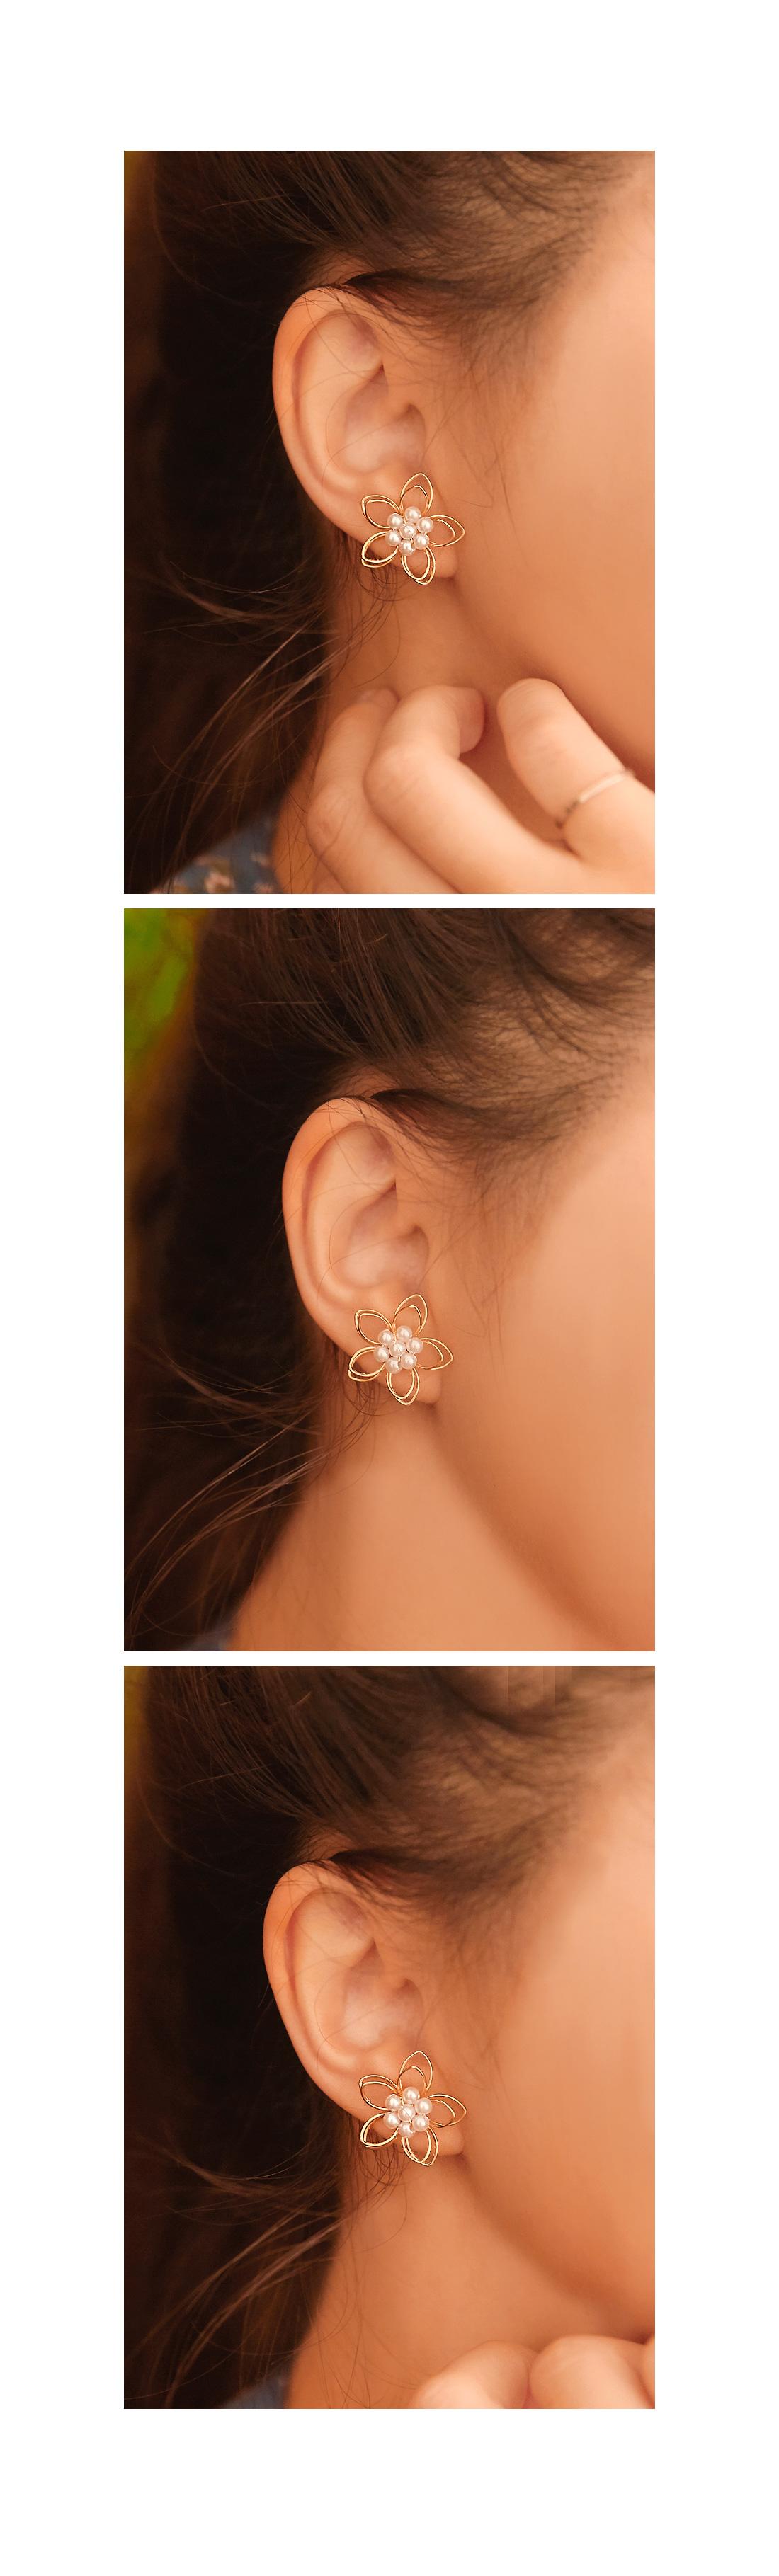 WIRE FLOWER PEARL EARRING